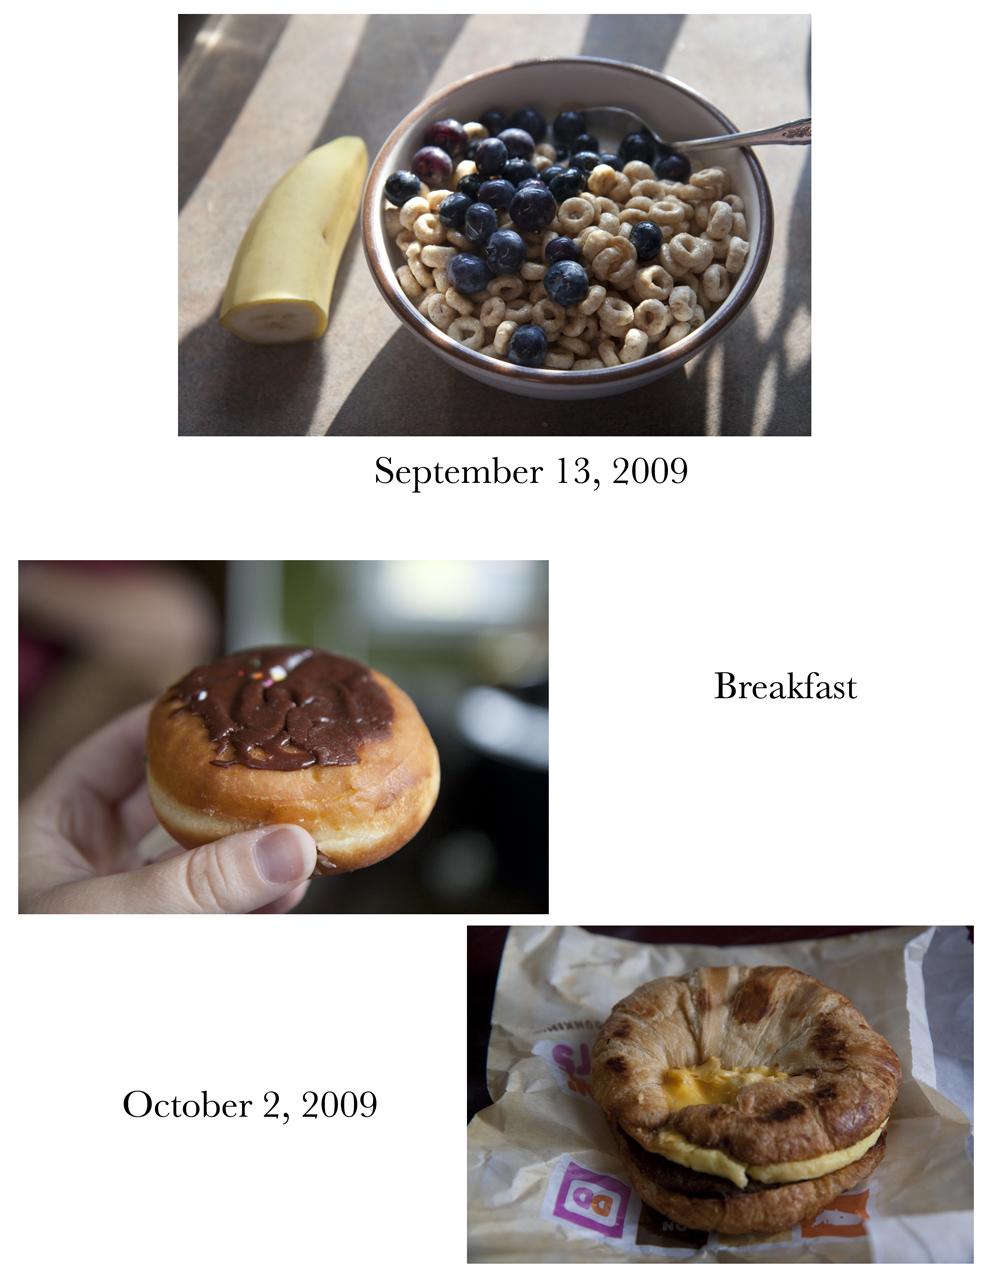 Breakfast; Meal Comparison